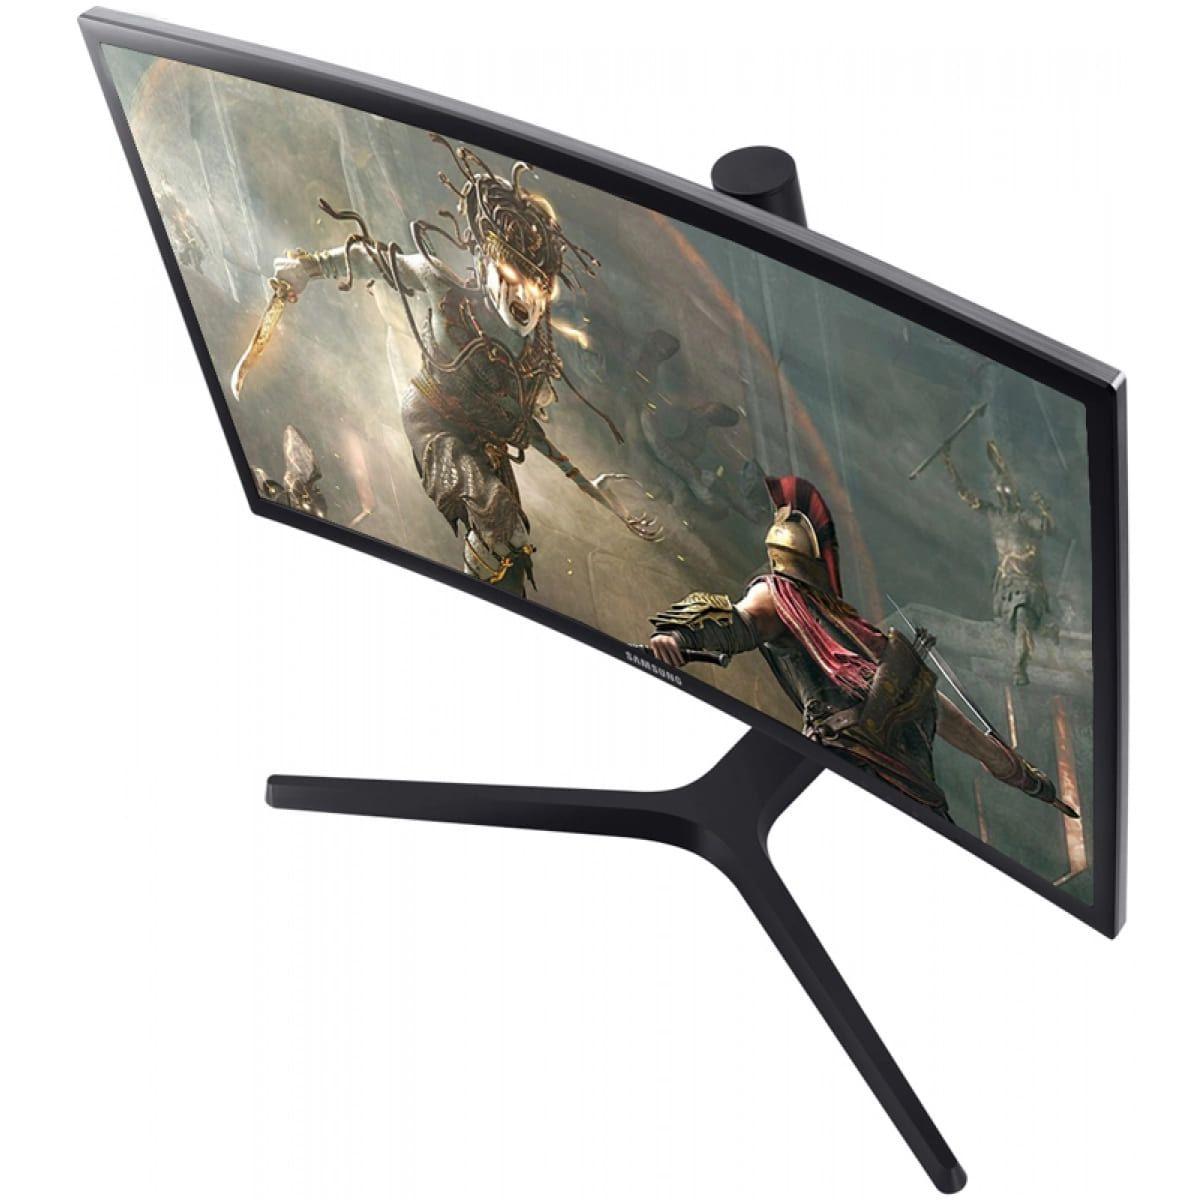 """Monitor Gamer 27"""" Samsung Curvo QLED FULLHD HDMI 1MS 144HZ - LC27FG73FQLXZD"""